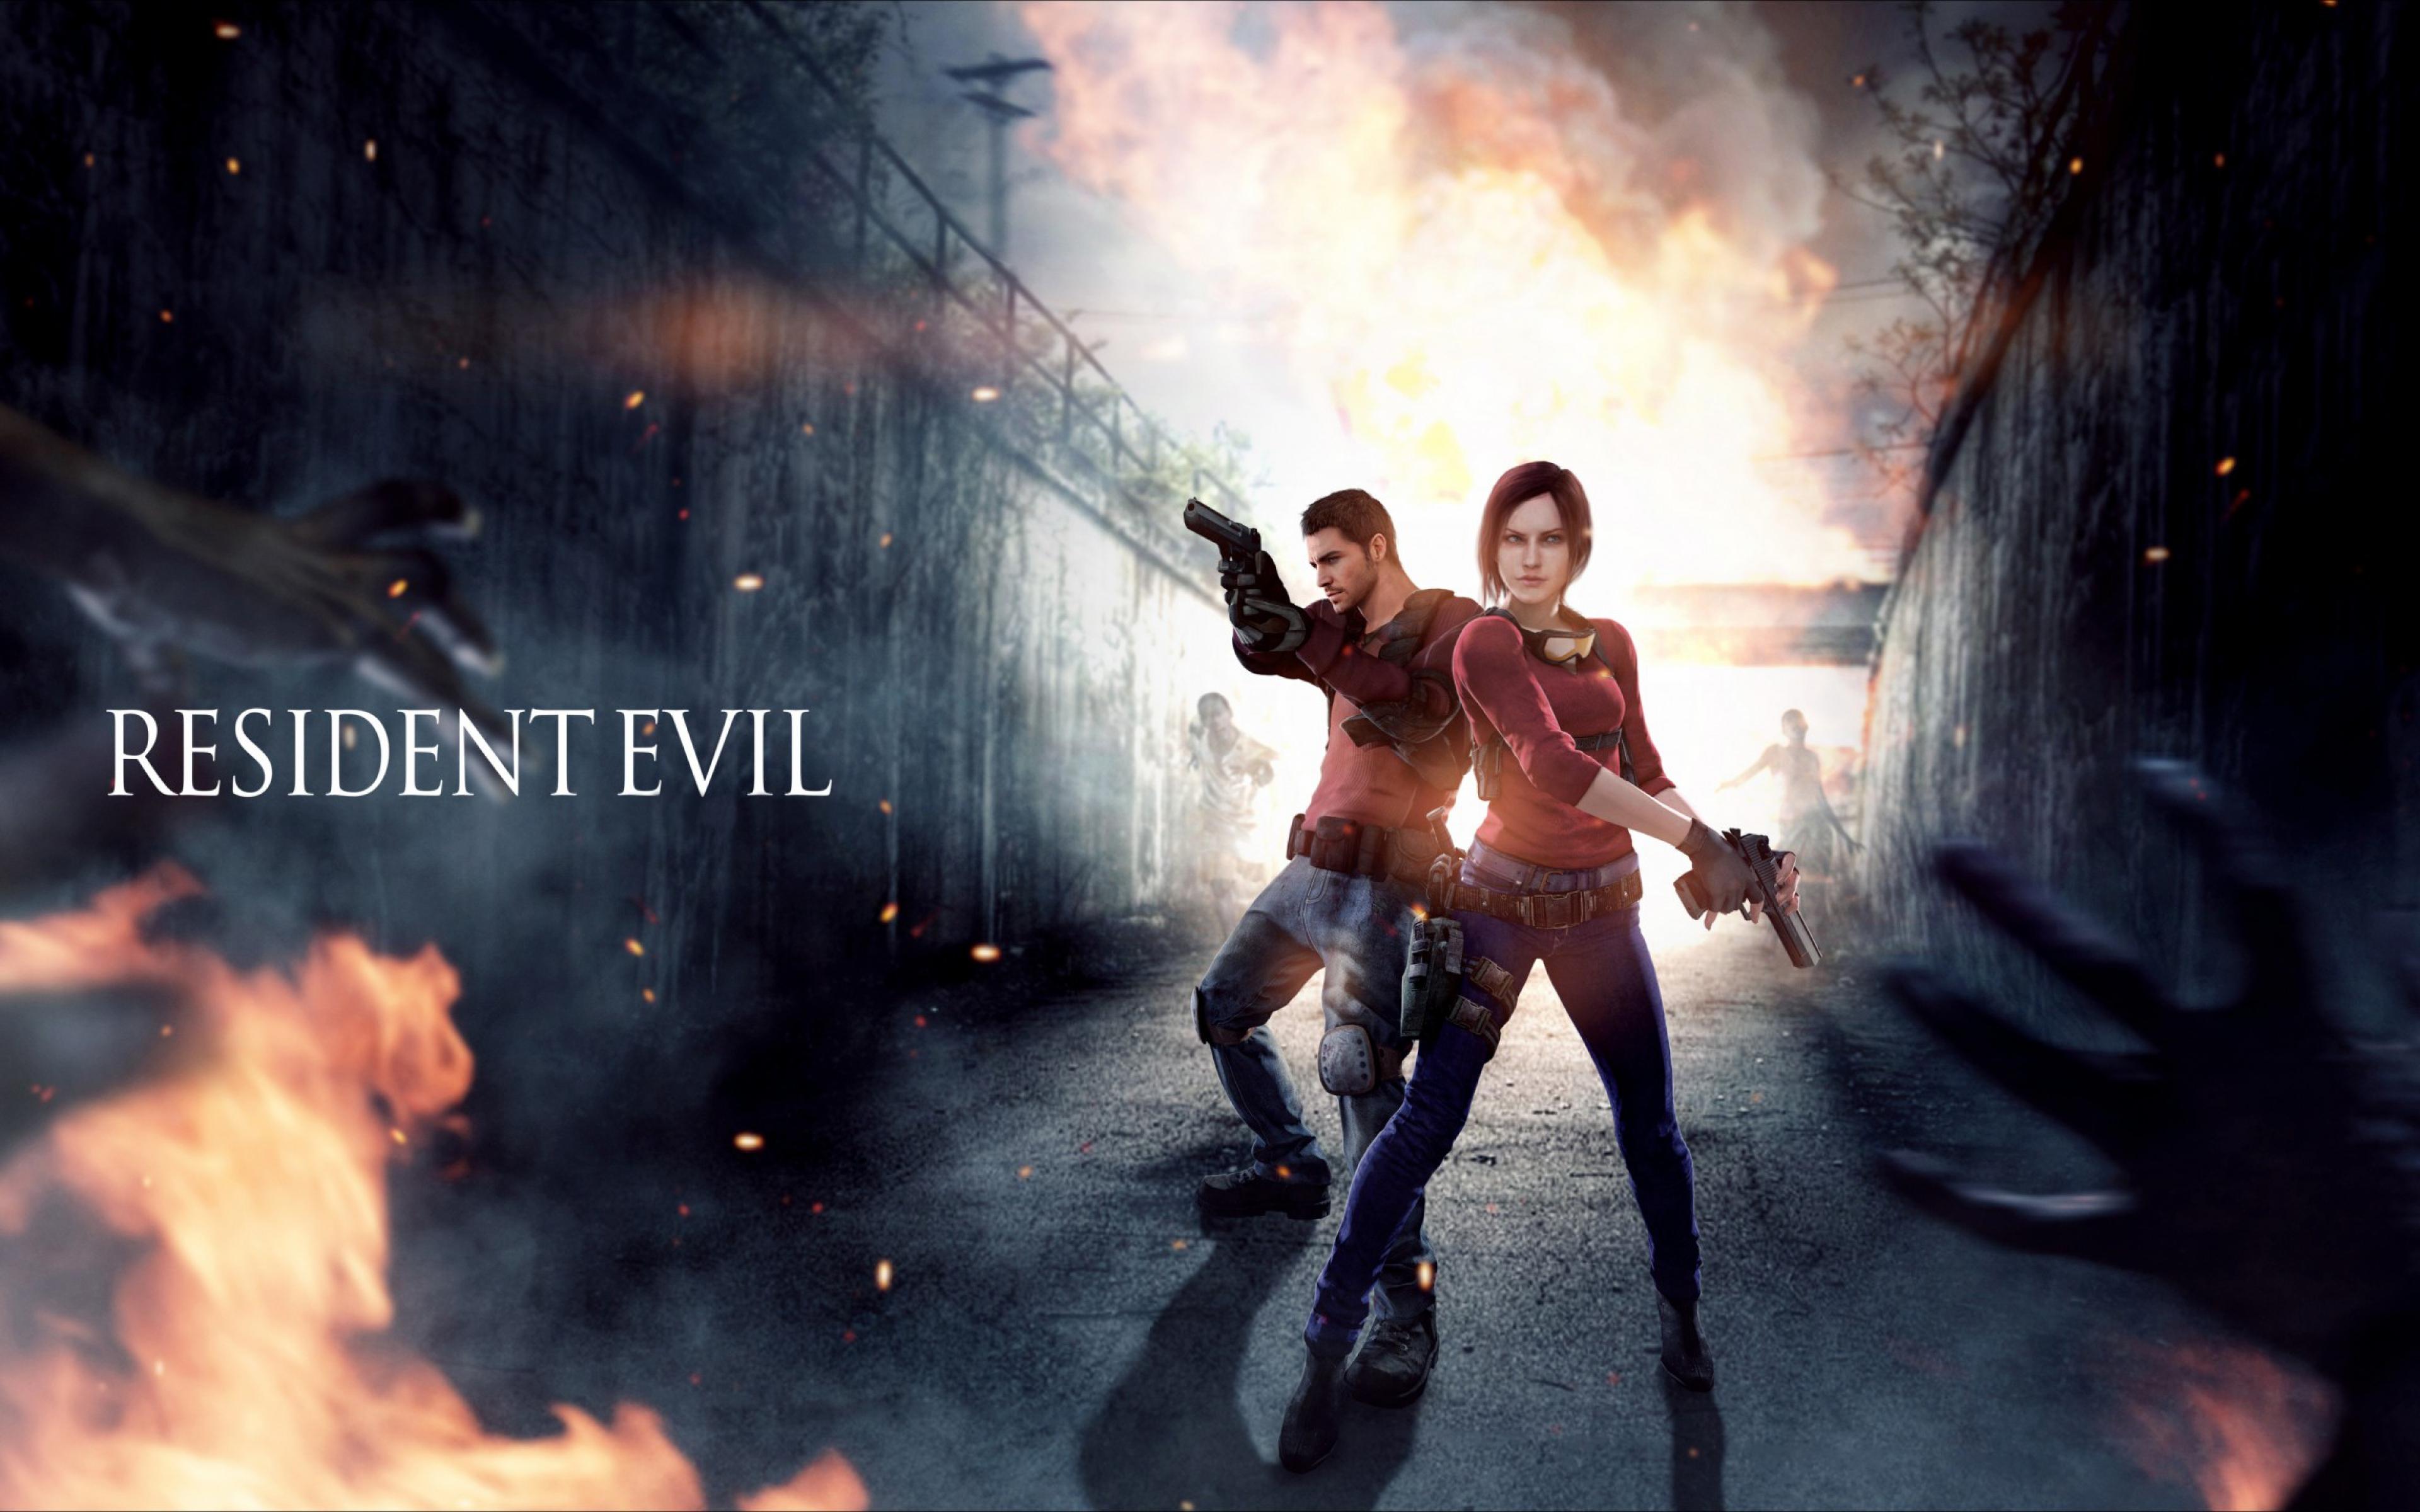 resident evil wallpaper 3840x2400